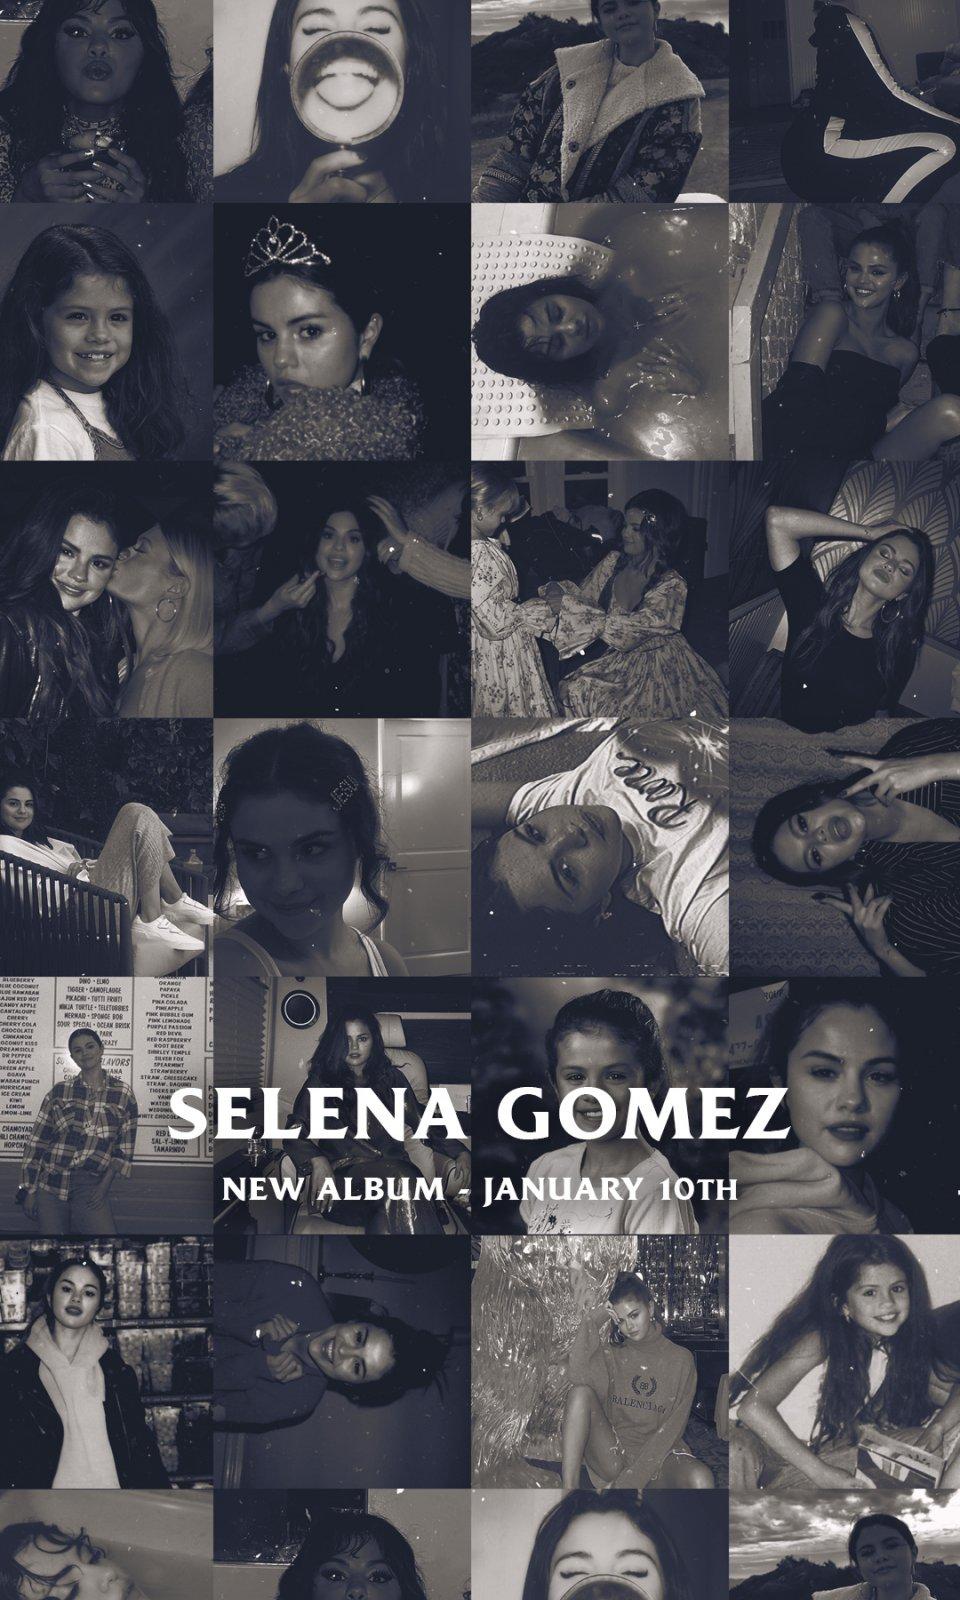 赛琳娜·戈麦斯明年1月发新专辑,以36个不同封面发行